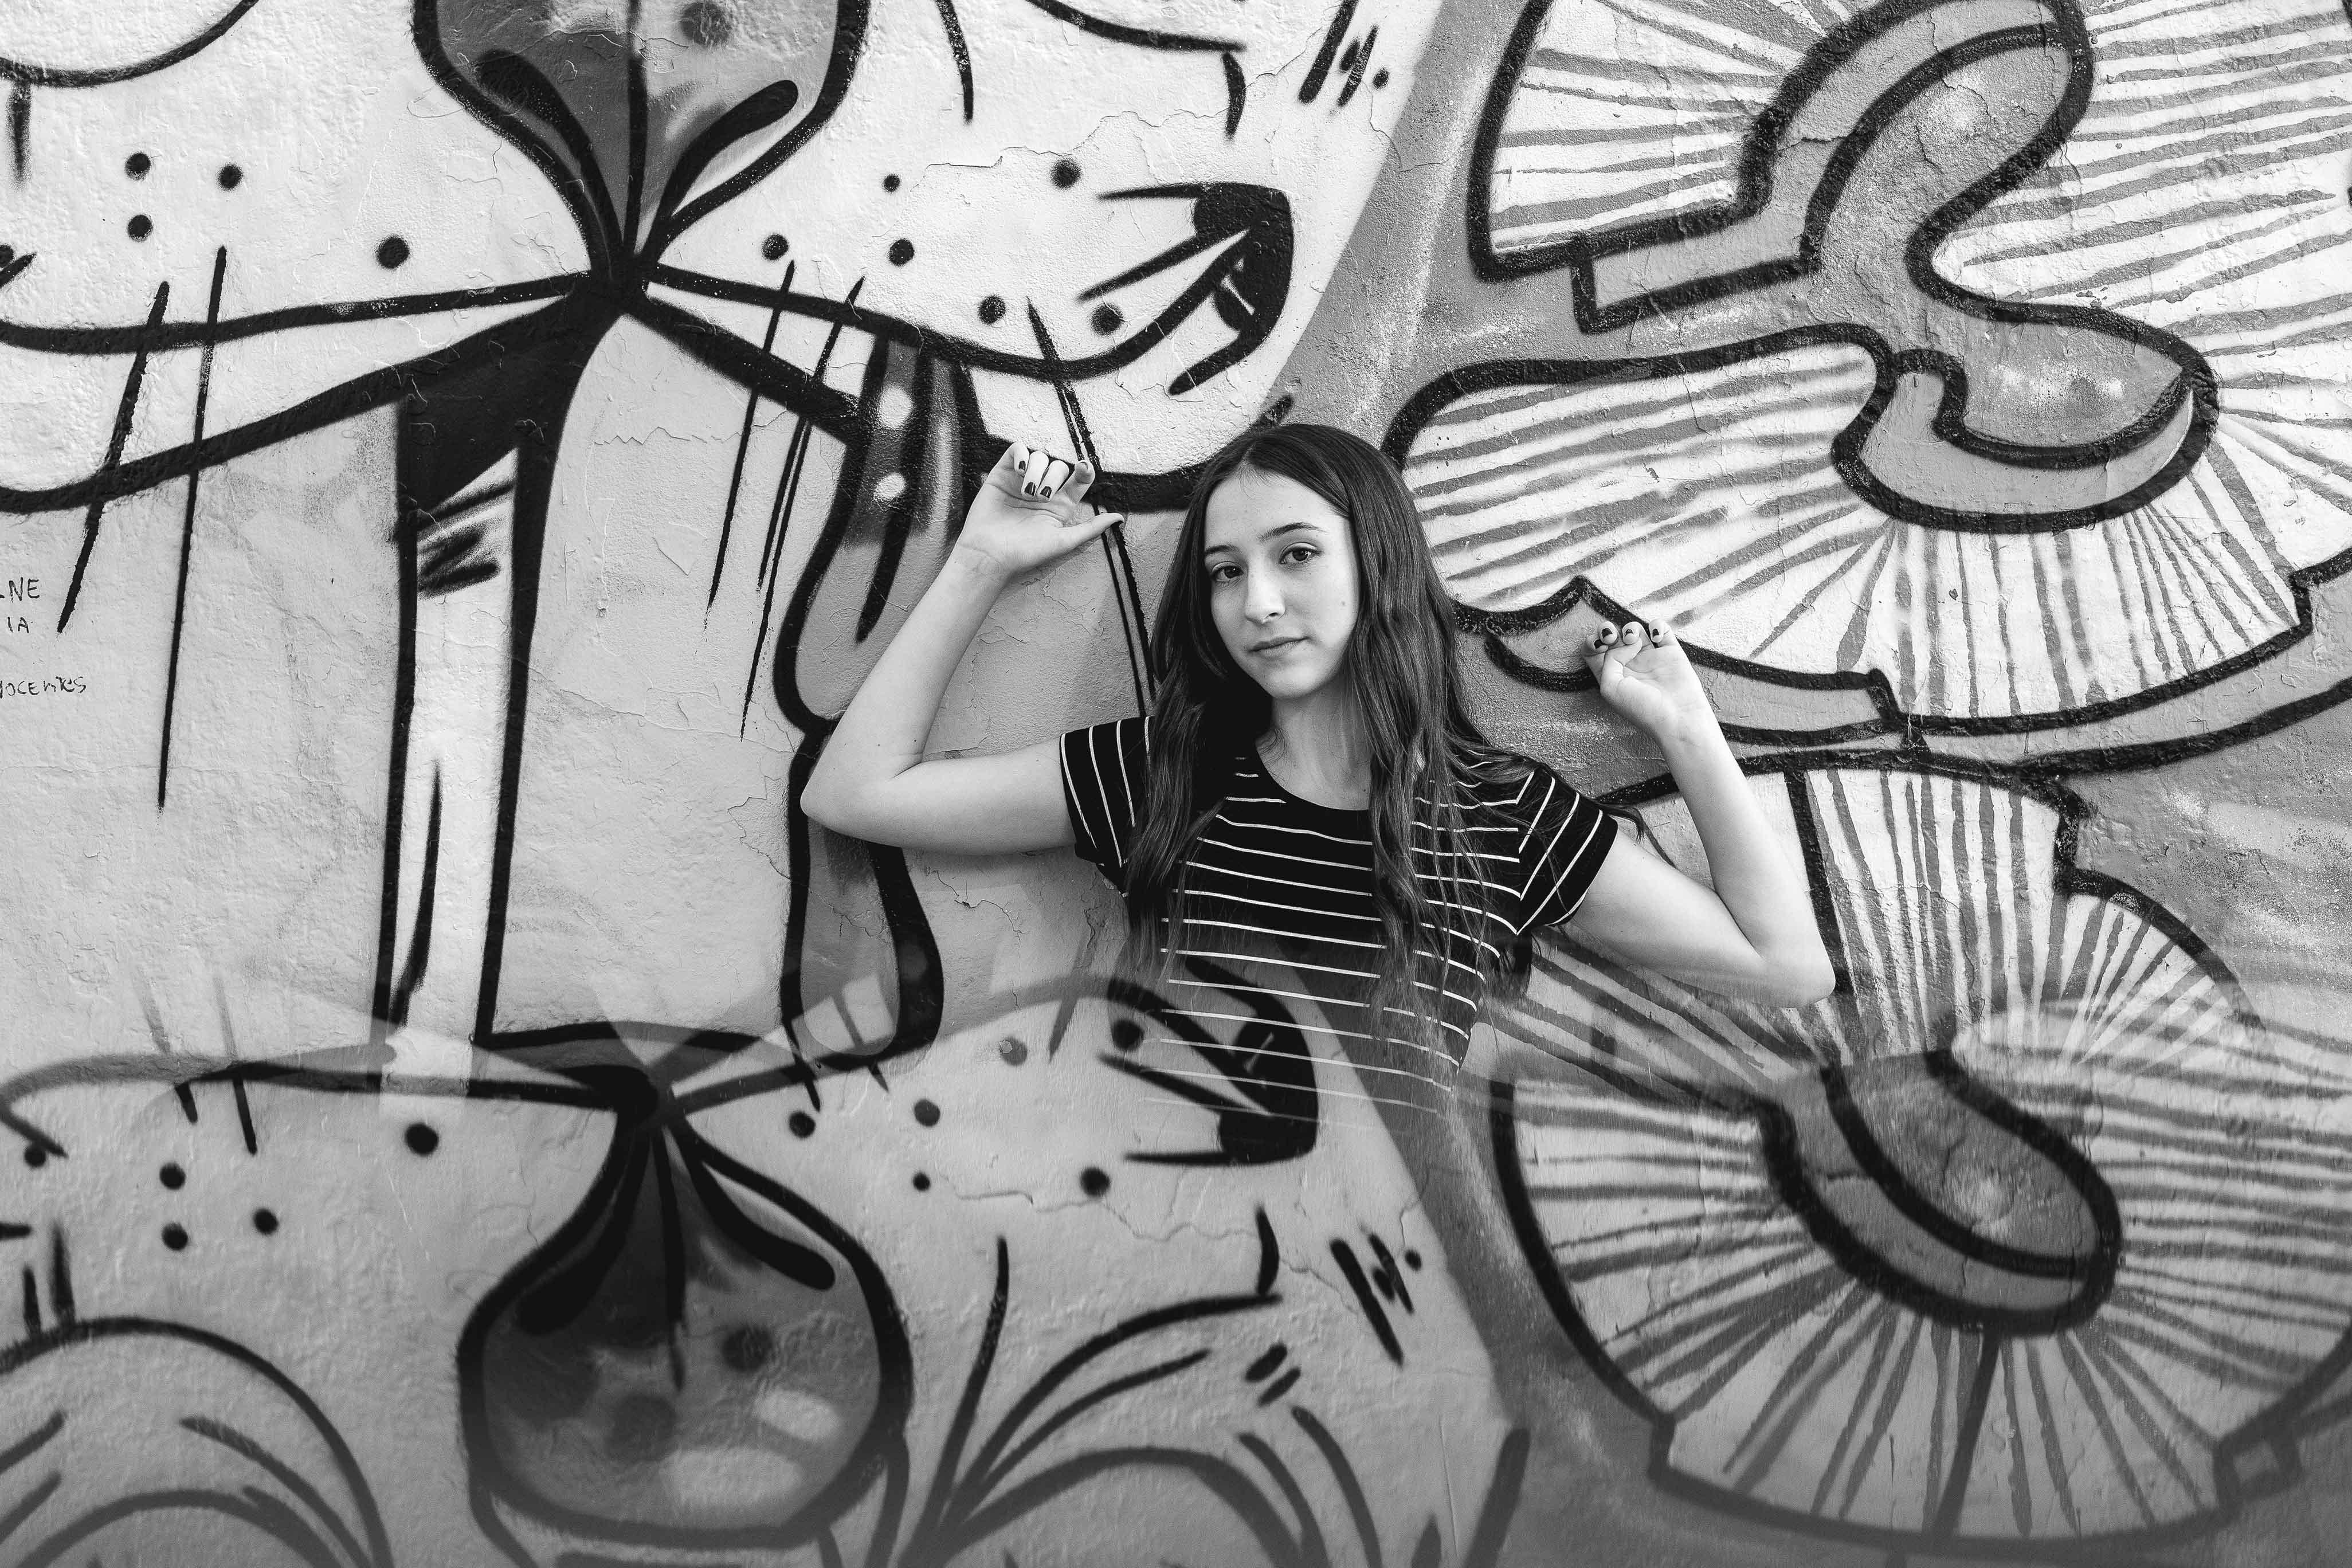 Fotos del book de XV de Euge en Rosario realizadas por Bucle Fotografias Flor Bosio y Caro Clerici